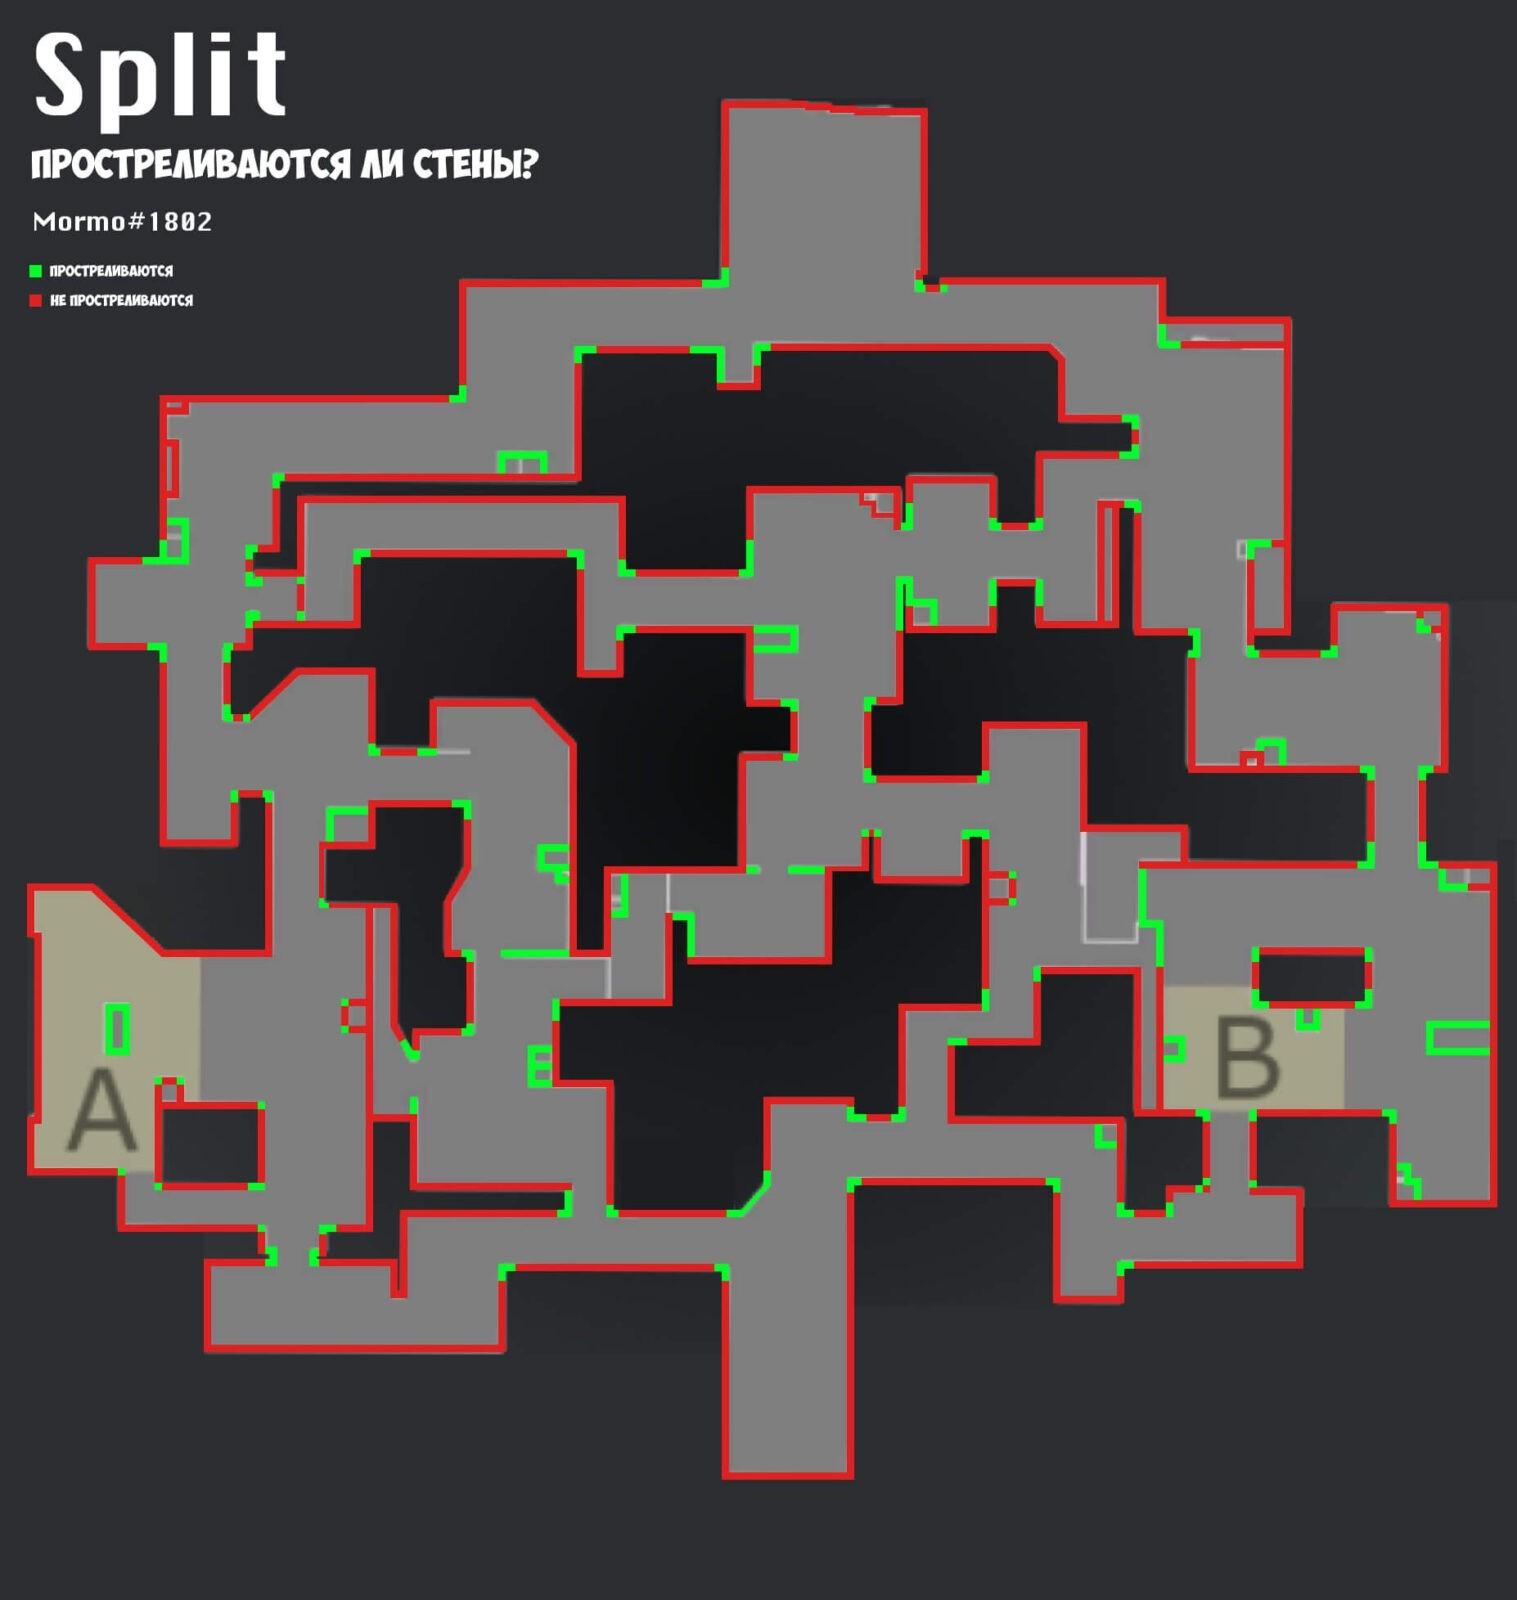 Прострелы Split